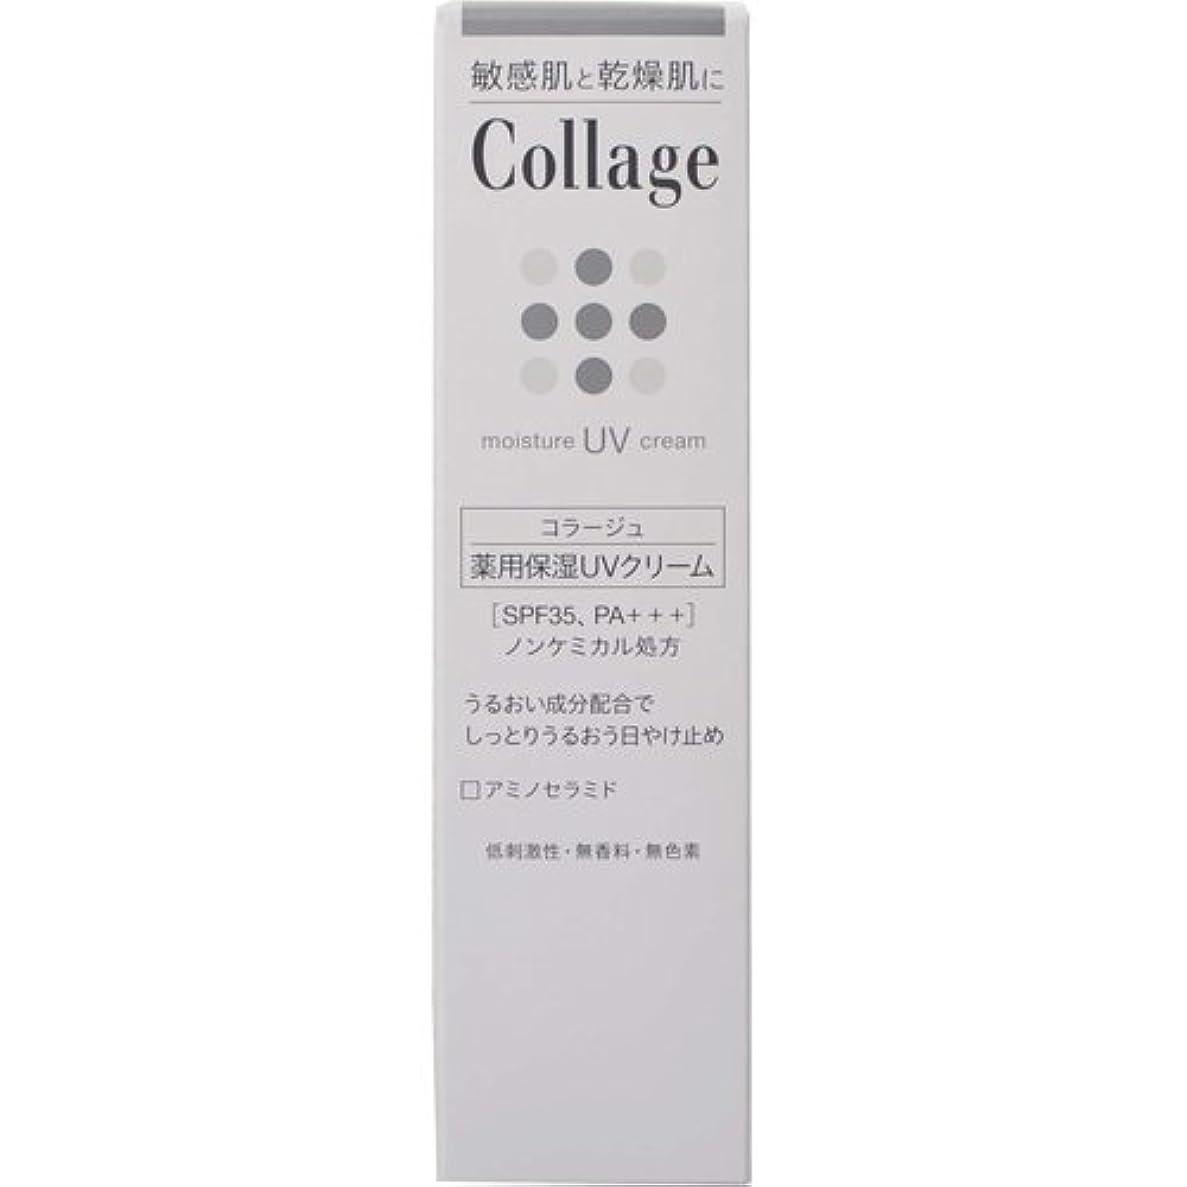 入るむしゃむしゃ対コラージュ 薬用保湿UVクリーム 30g 【医薬部外品】